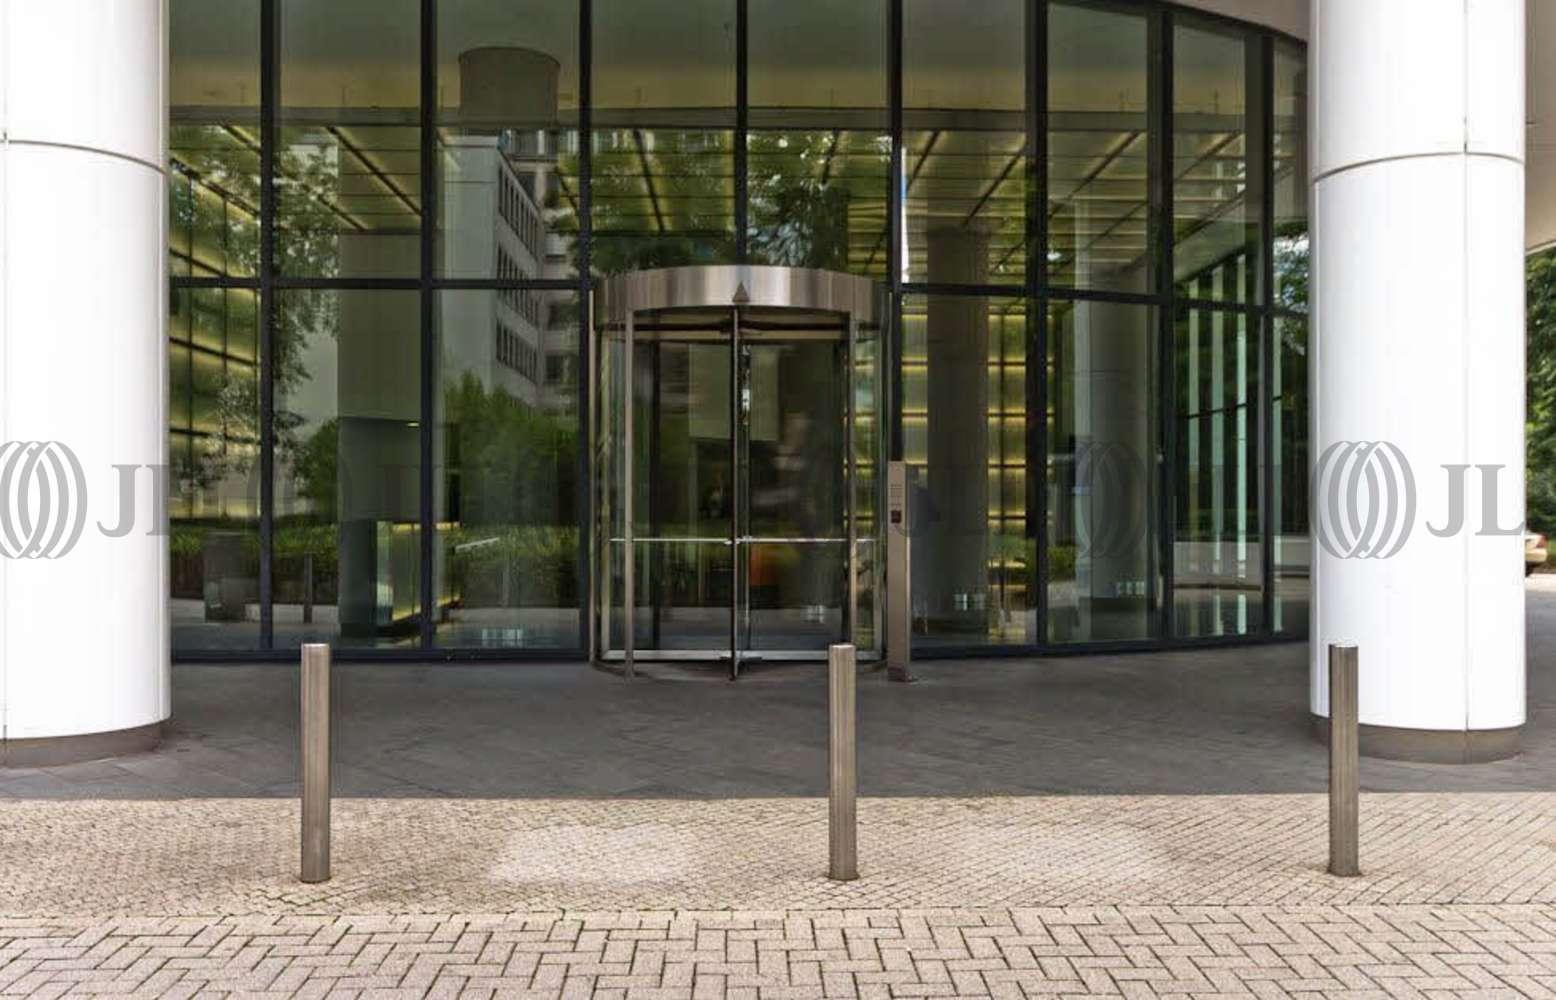 Büros Frankfurt am main, 60311 - Büro - Frankfurt am Main, Innenstadt - F0704 - 9521144